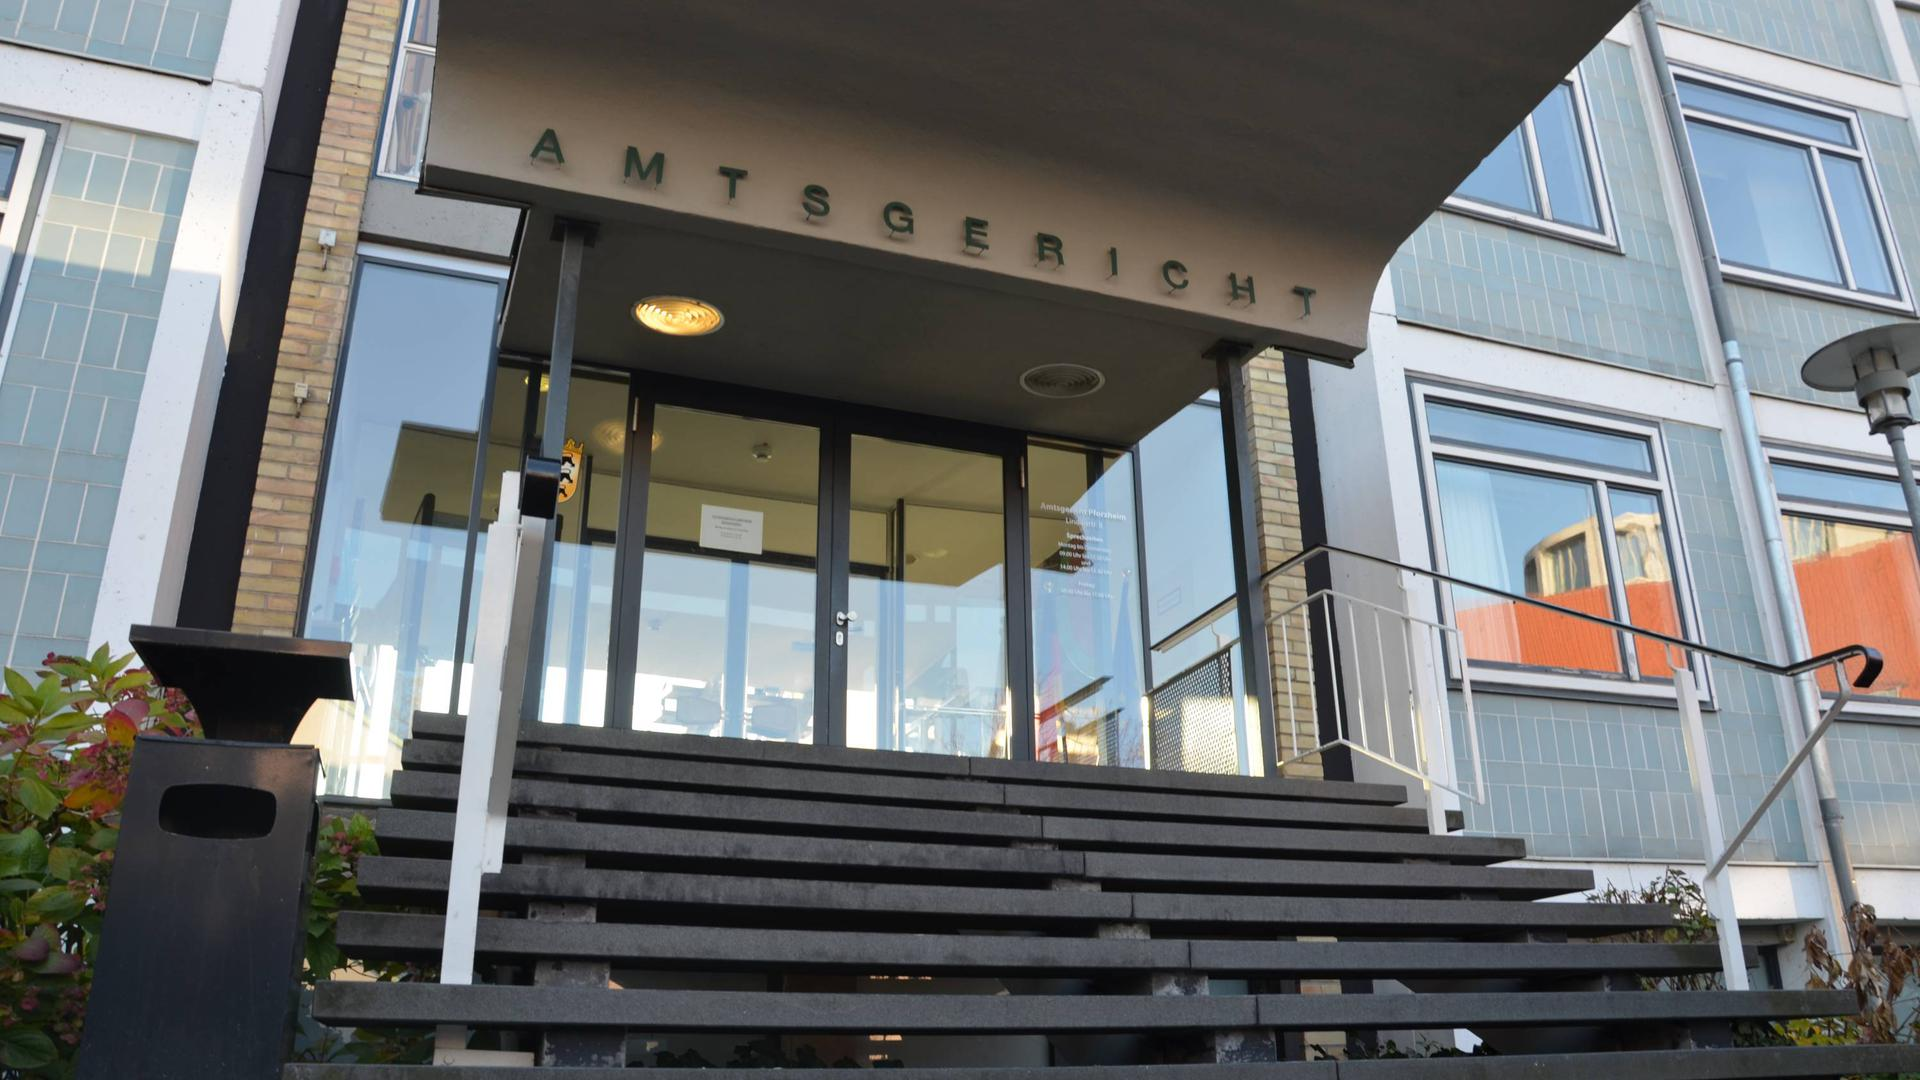 Kinderporno-Prozess im Amtsgericht Pforzheim: Ein 44 Jahre alter Pforzheimer soll im Darknet eine Plattform betrieben haben, auf der insgesamt 33Mitglieder kinder- und jugendpornografische Bilder und Videos ausgetauscht haben.